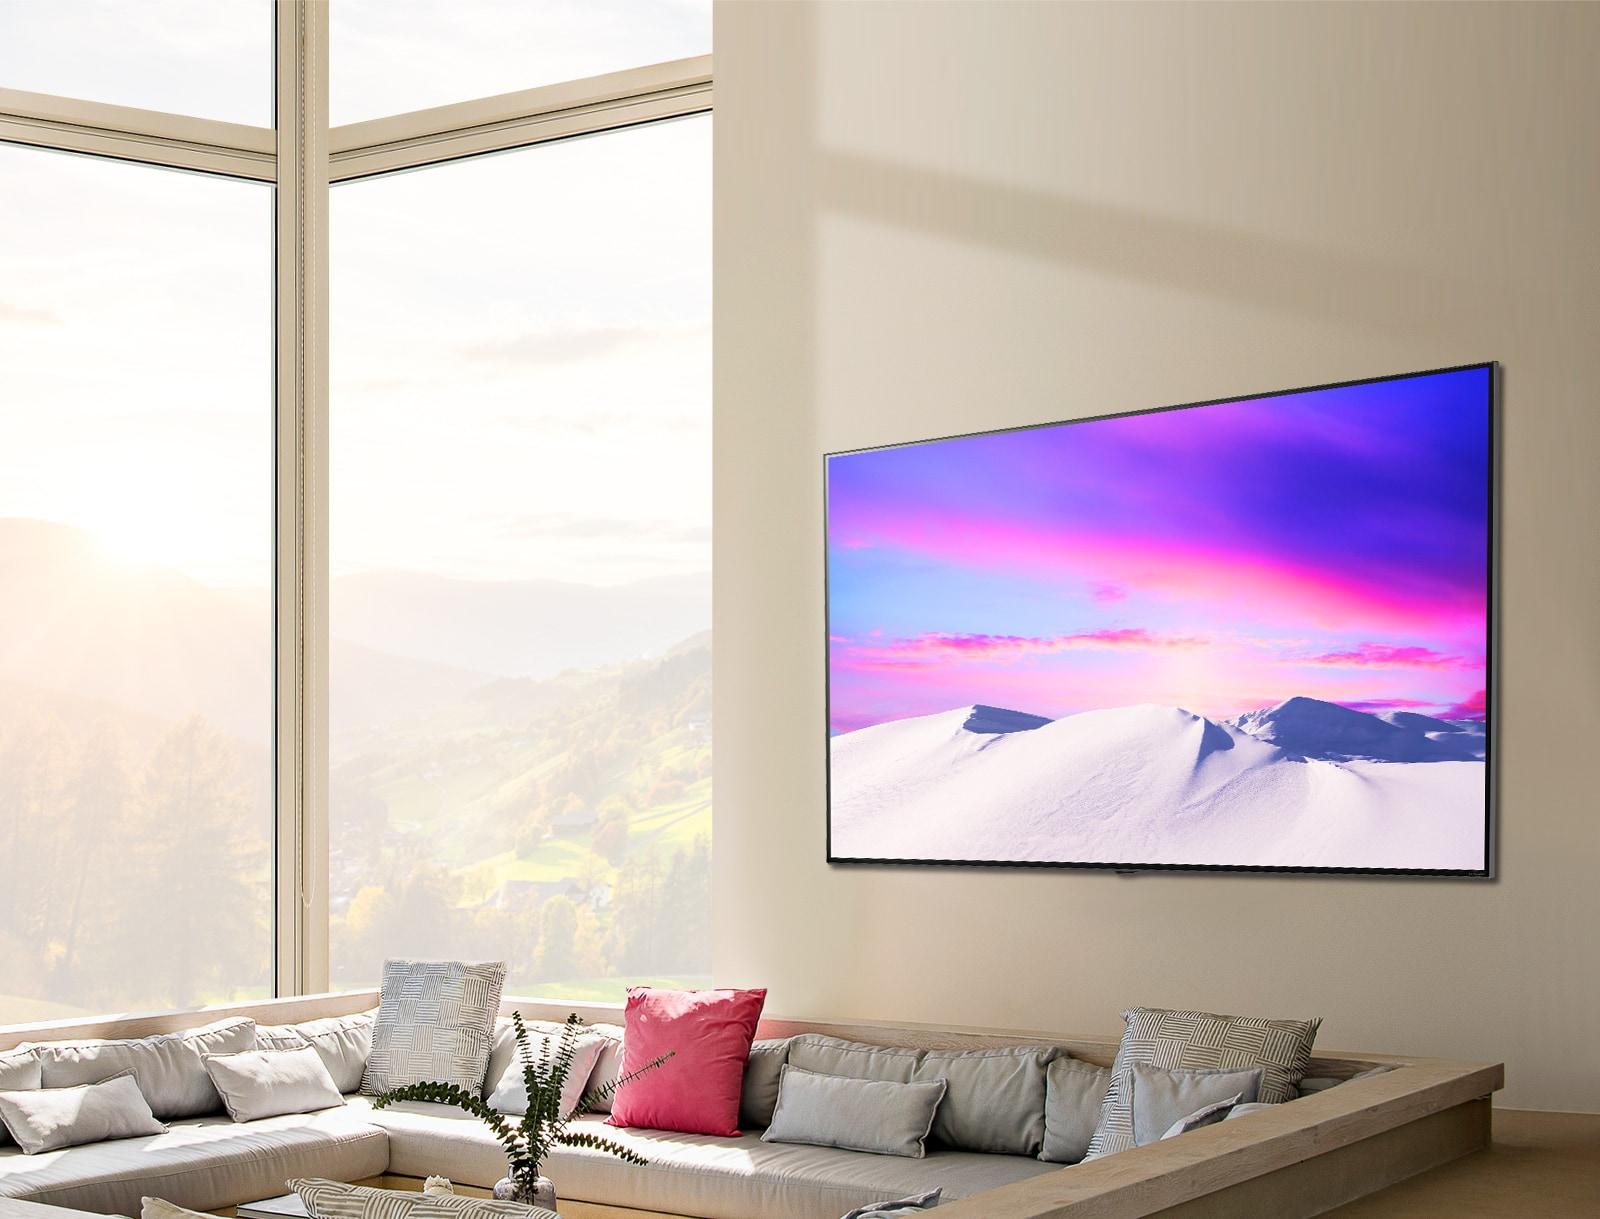 مشهد يُظهر تلفزيون NanoCell من إل جي رقيق بحجم هائل معلق على الجدار.